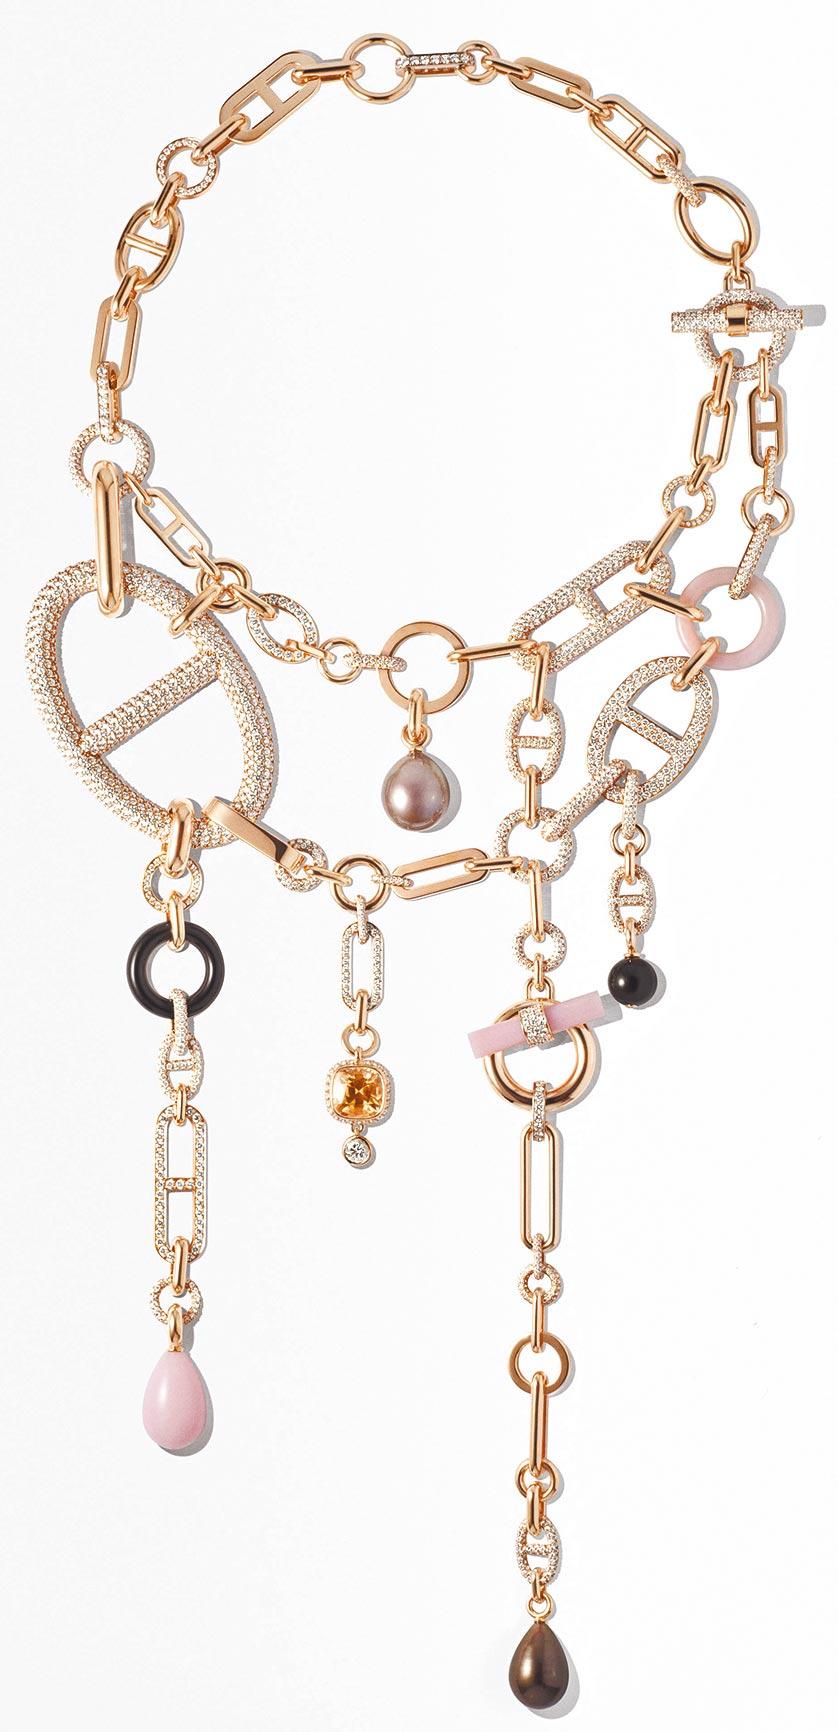 愛馬仕Grand Jete 玫瑰金項鏈,鑲珍珠、粉紅蛋白石、墨玉、橘黃色藍寶石與白鑽,2700萬1400元。(HERMES提供)